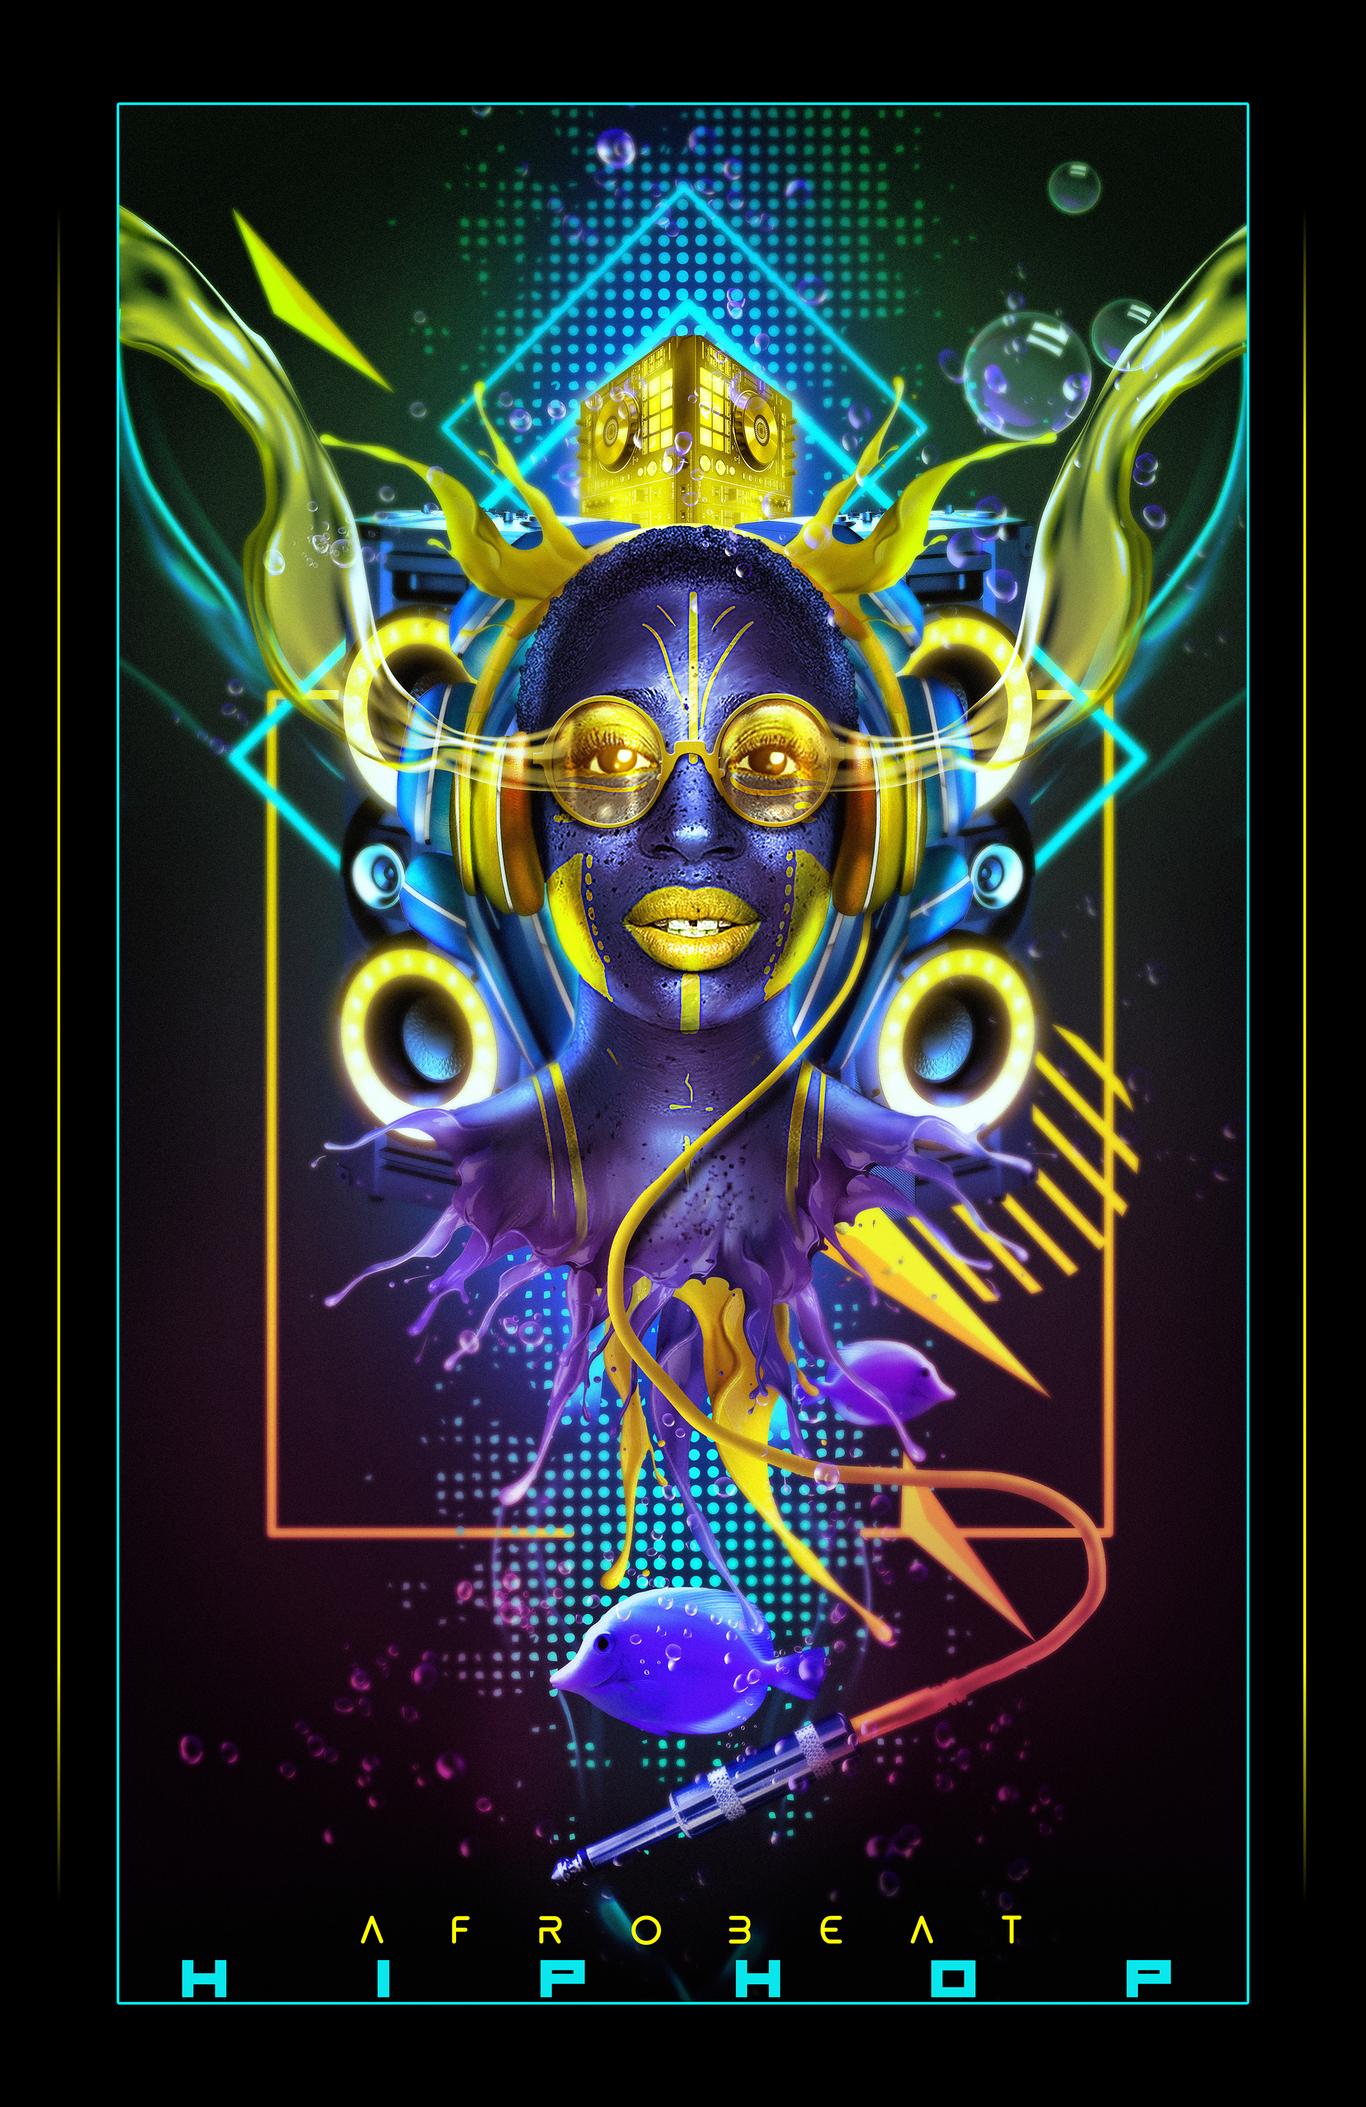 Palimok afrobeat 1 5bdfc100 rr92